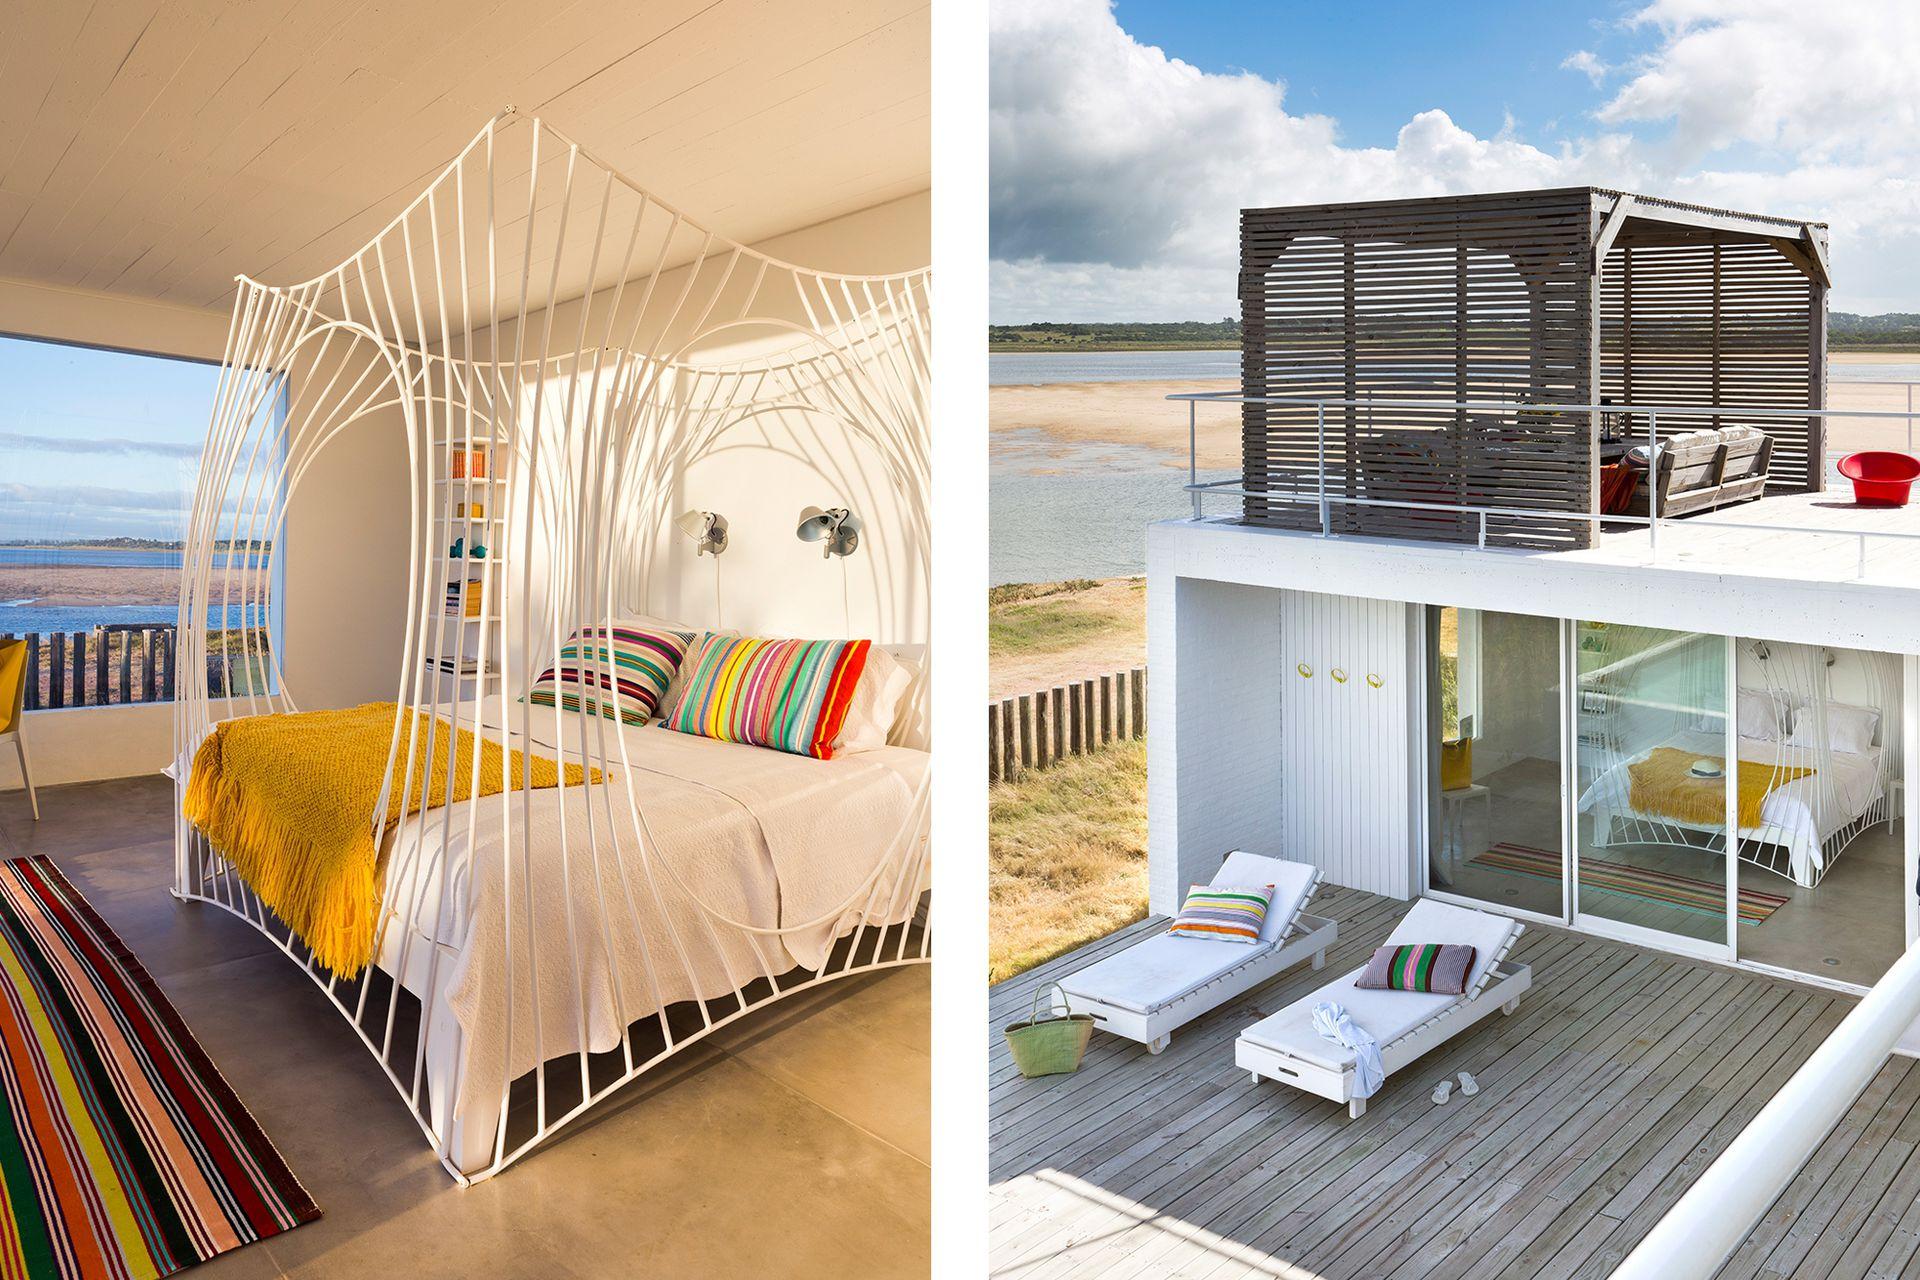 En el dormitorio principal, espectacular cama de hierro de la artista Laura Sanjurjo para 3 Mundos con textiles y almohadones traídos de Suecia.